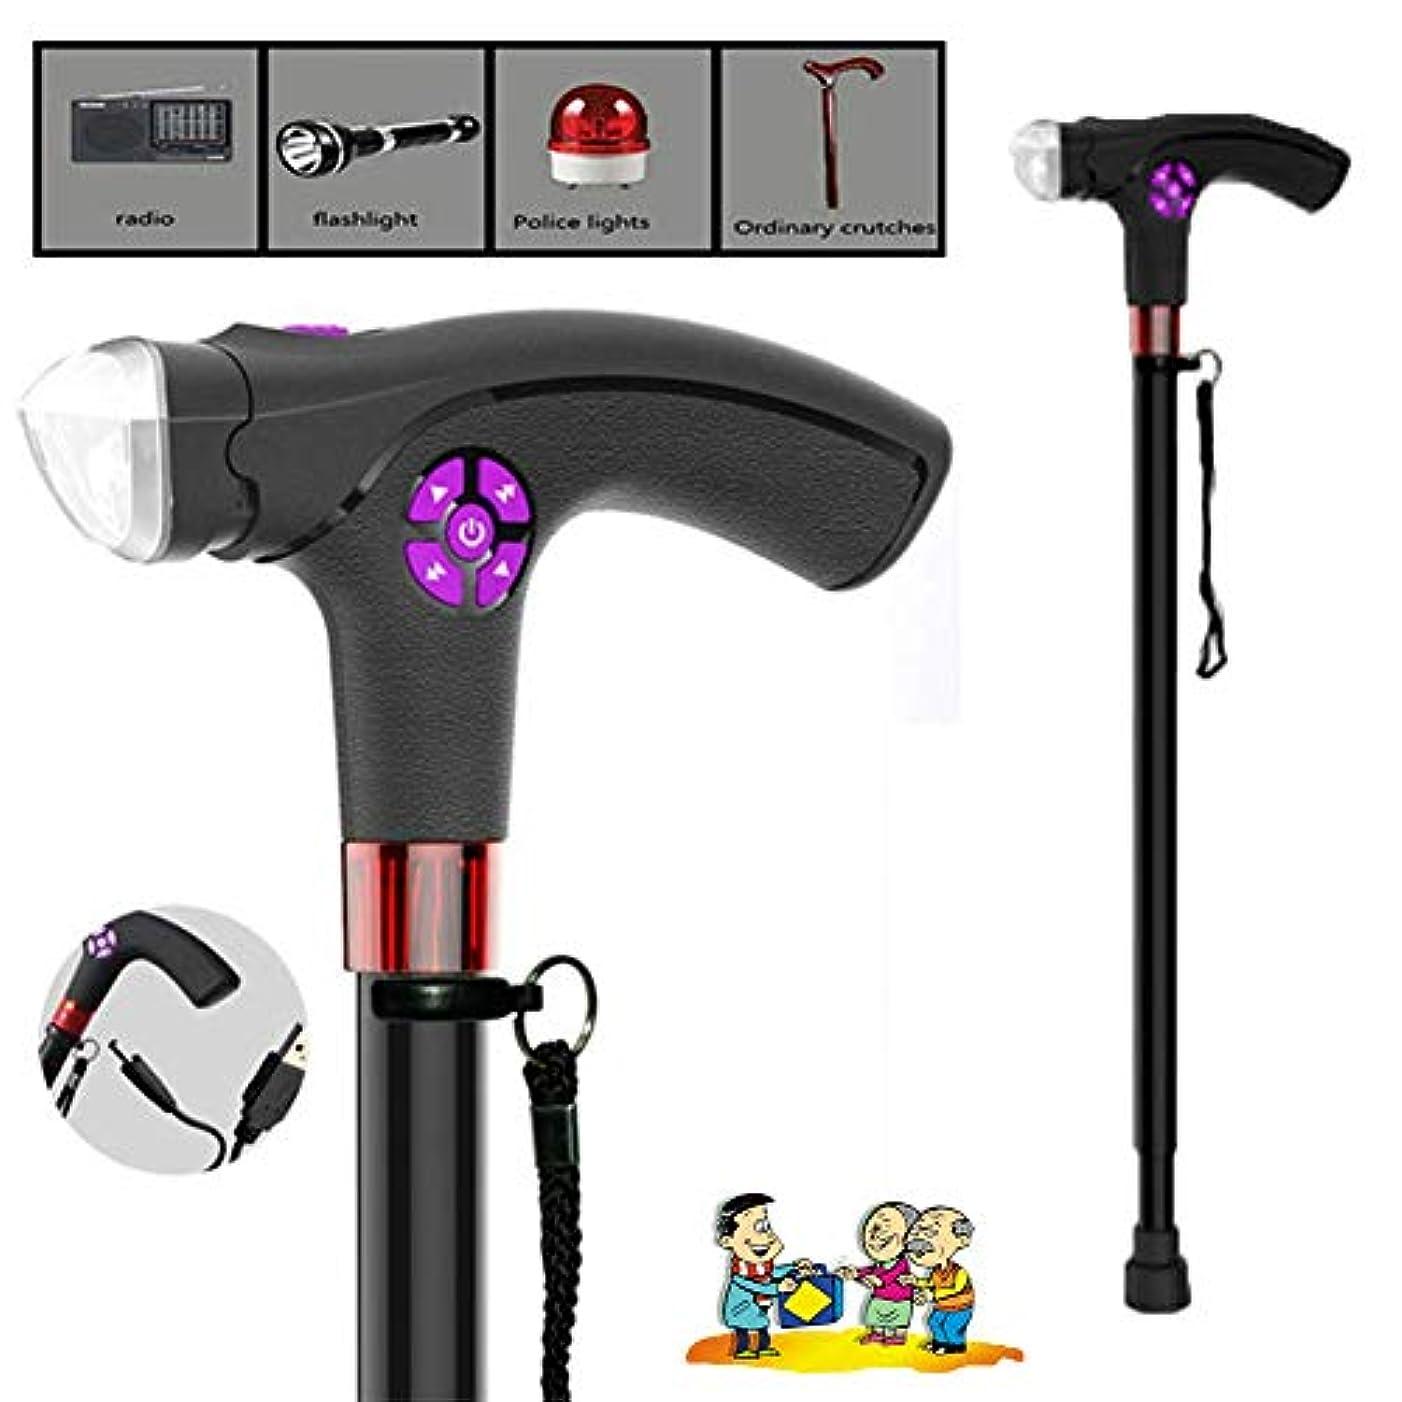 粒ポテト綺麗な多機能高齢者の松葉杖、インテリジェントアルミニウムステッキ、調整可能なLEDライト+滑り止め伸縮ステッキ、スマートラジオ+アラーム+充電式、ブラック(ギフト)